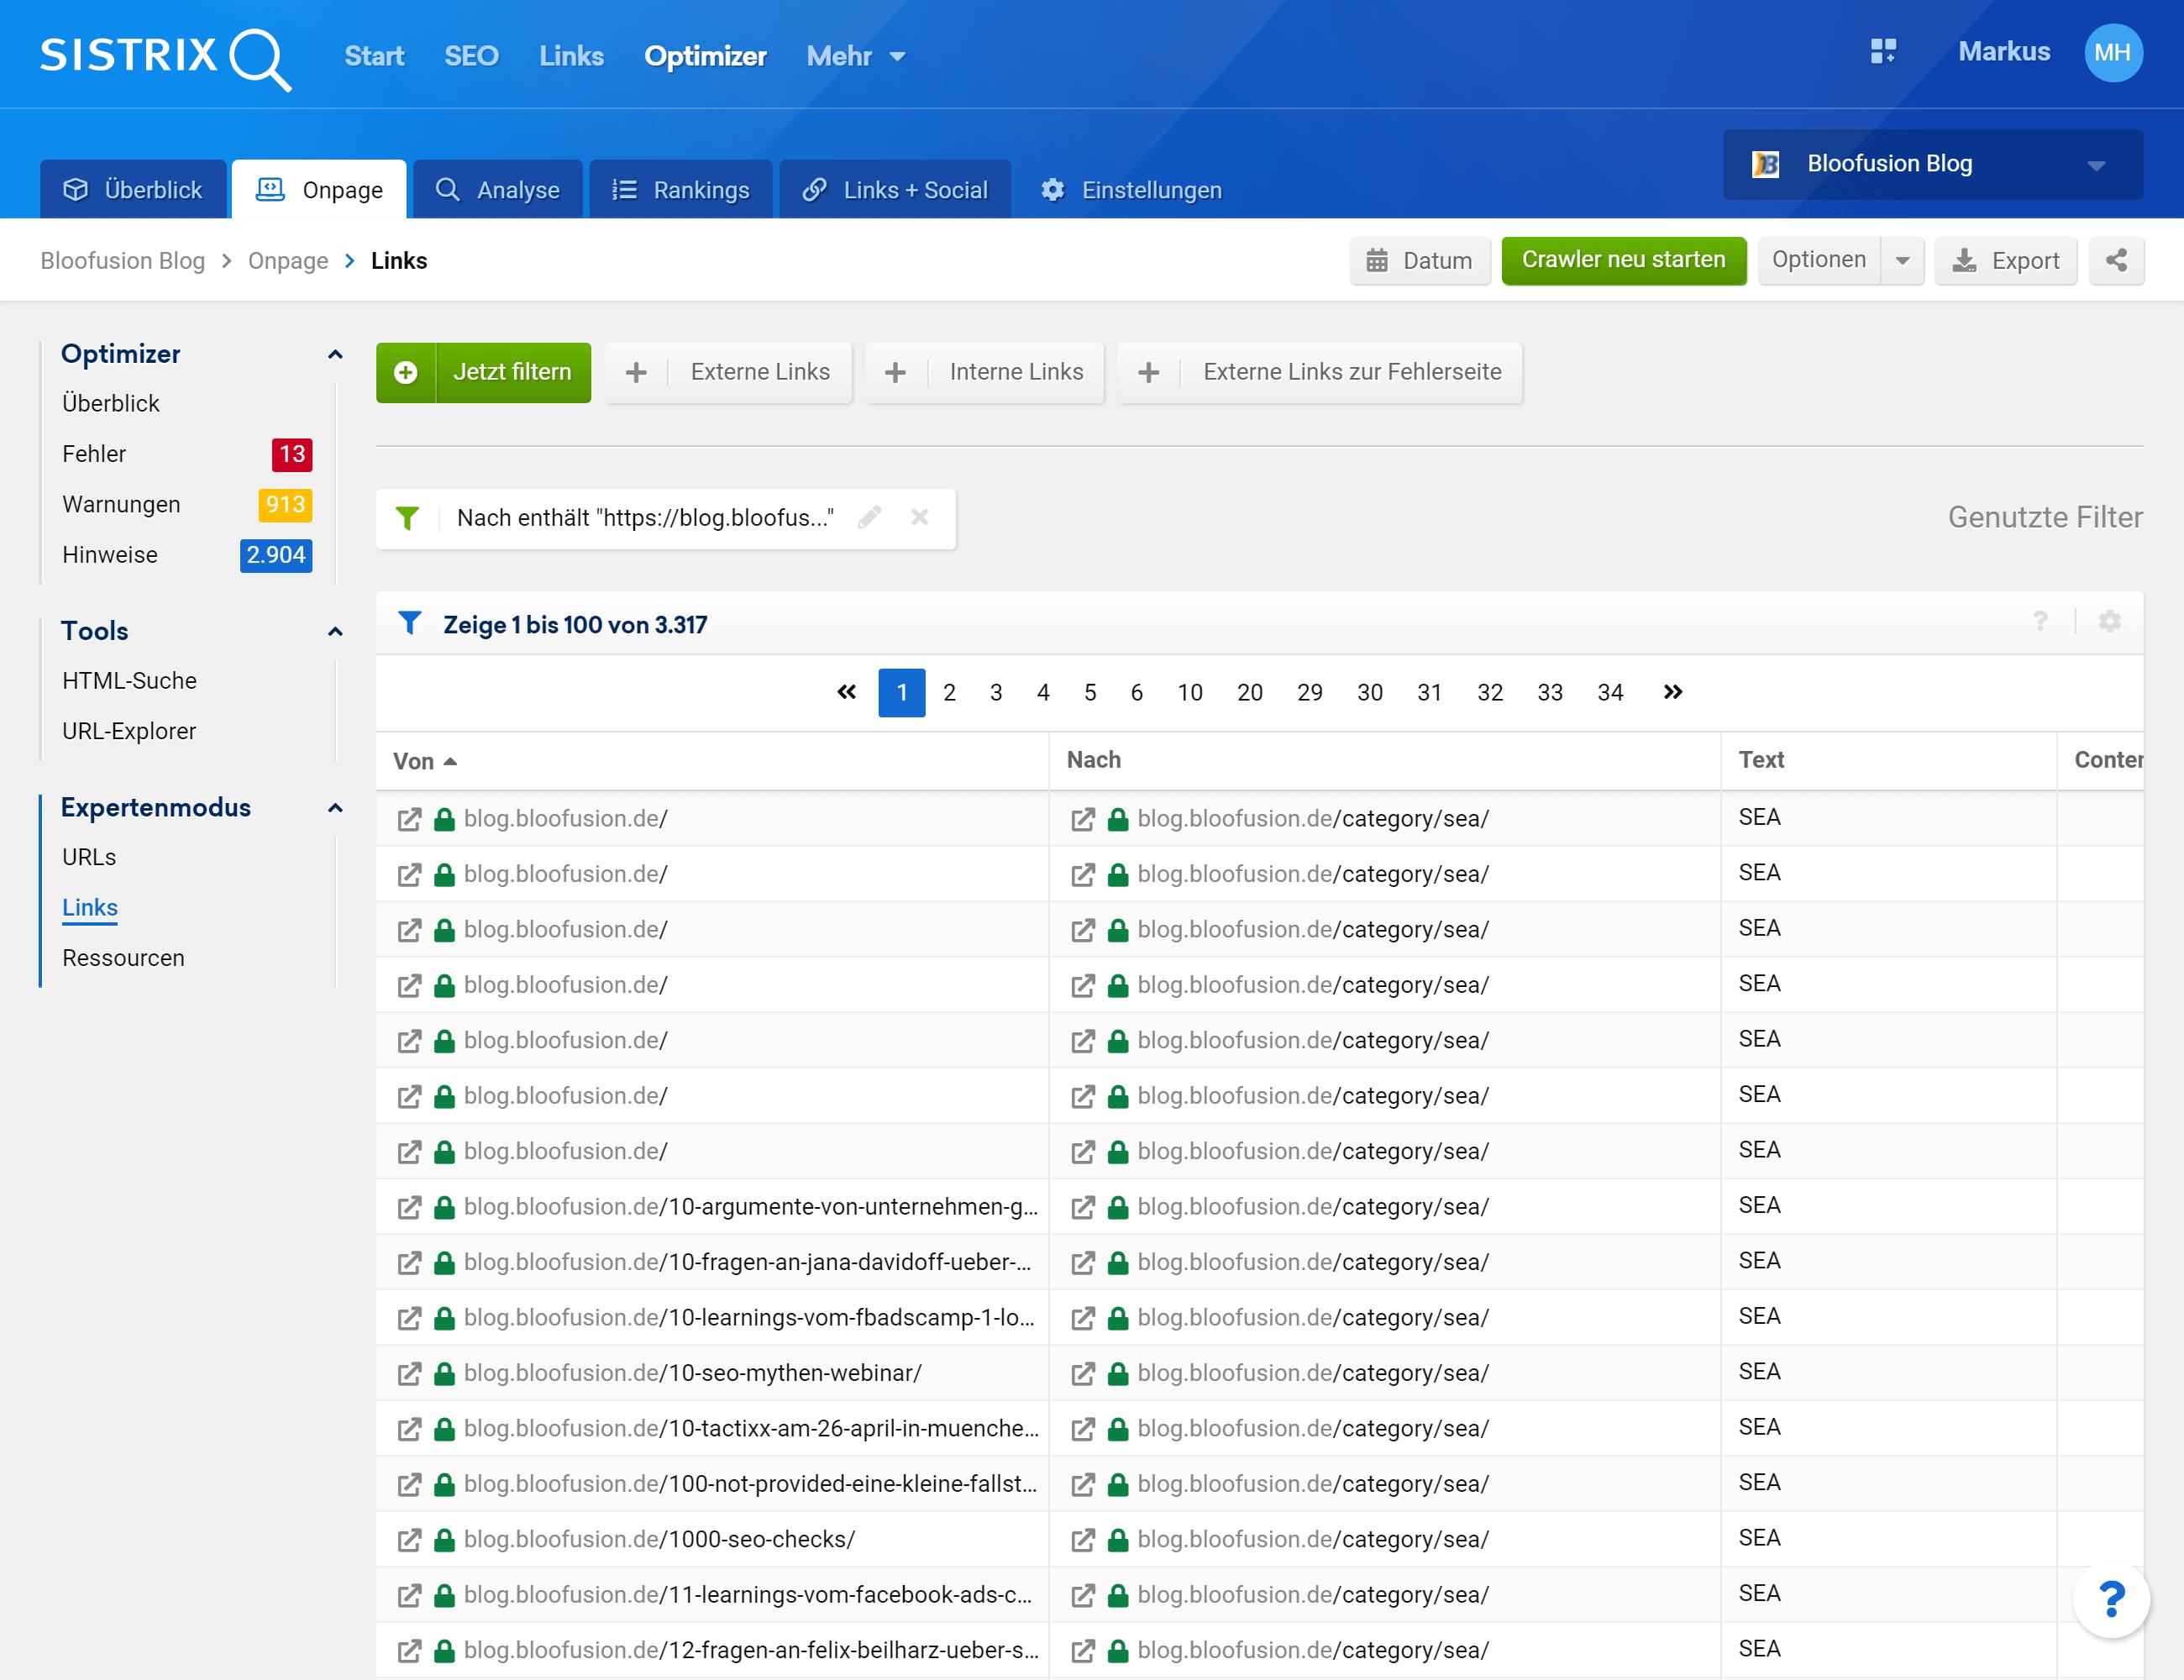 """Im Bereich """"Onpage > Expertenmodus > Links"""" werden alle internen Links angezeigt, die man sich dann filtern kann, um so z. B. festzustellen, dass eine bestimmte Seite nur konstant mit einem Ankertext (Spalte """"Text"""") verlinkt wird"""